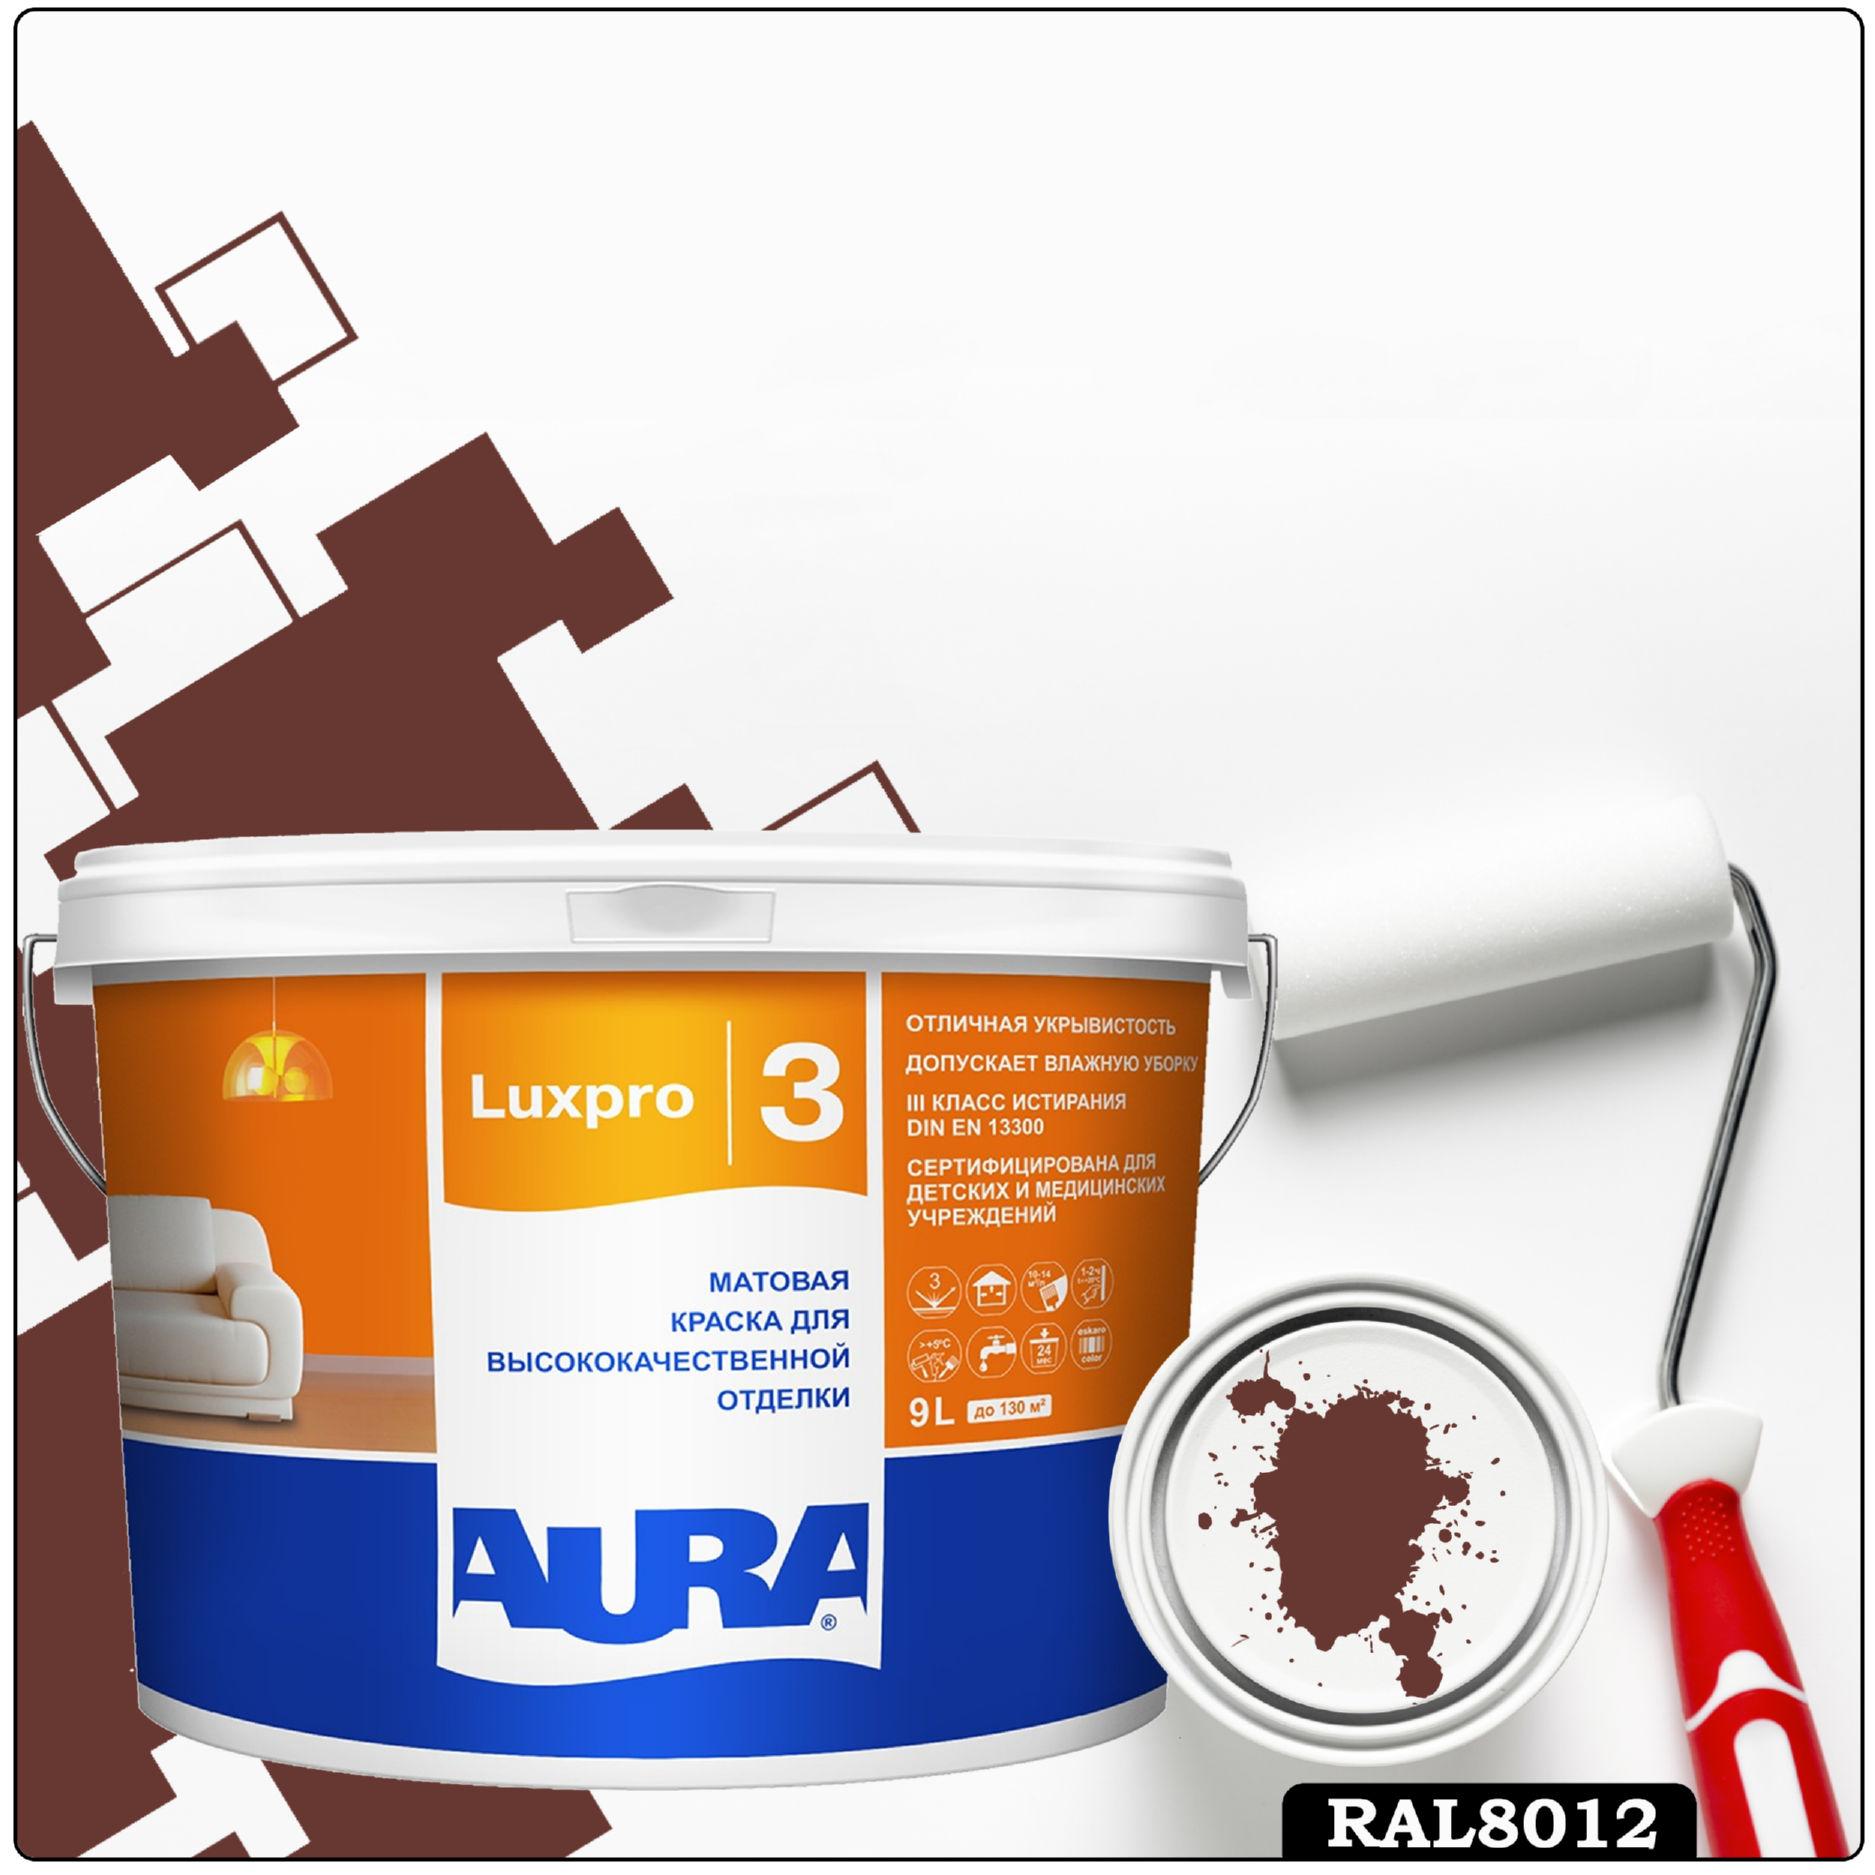 Фото 9 - Краска Aura LuxPRO 3, RAL 8012 Красно-коричневый, латексная, шелково-матовая, интерьерная, 9л, Аура.